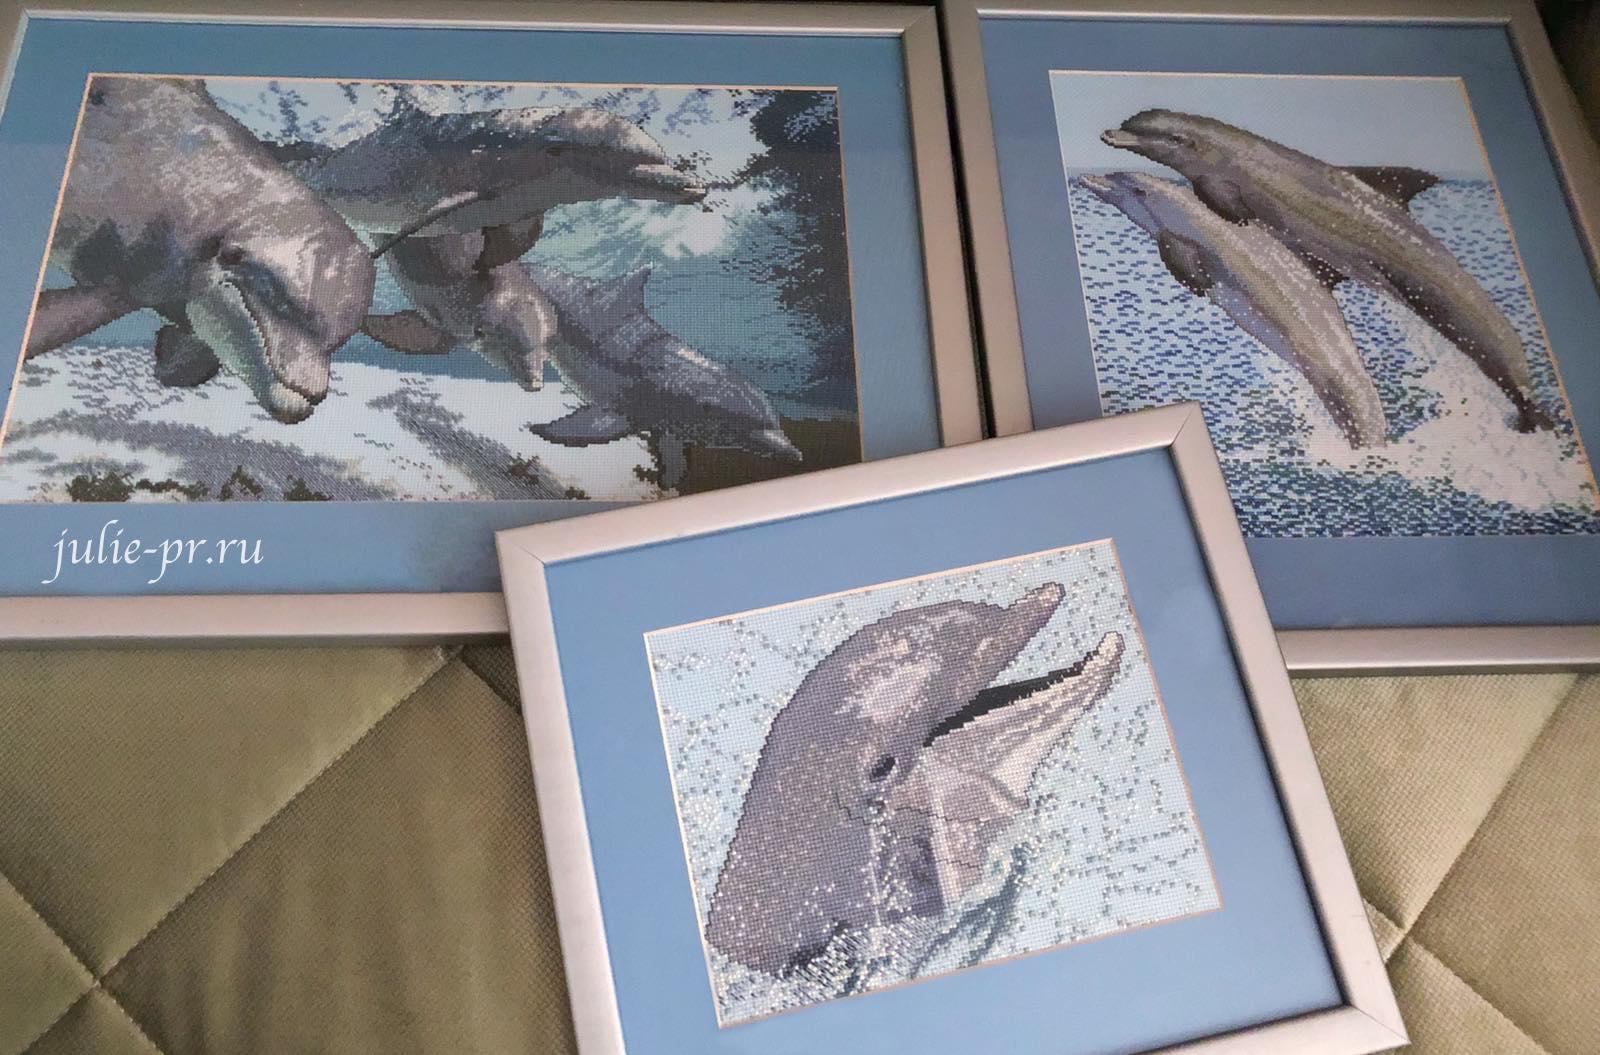 Дельфины, вышивка крестом, журнал, Чудесные мгновения, выпуск 7, морская тема